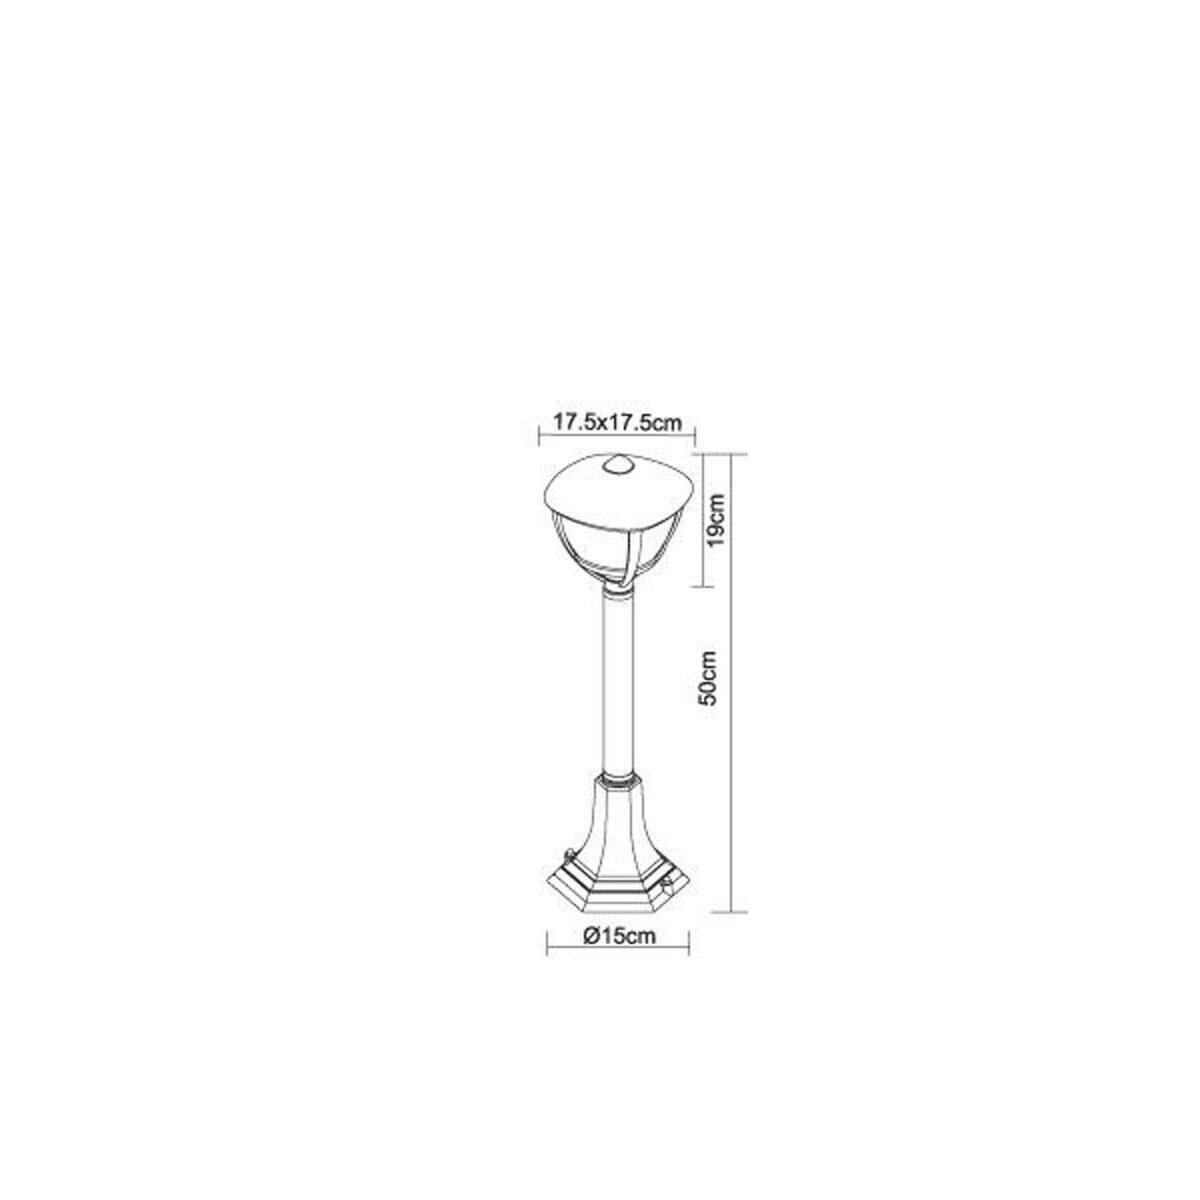 Lampioncino Nollo H50 cm in alluminio, bianco, E27 1x MAX 40W IP44 GLOBO - 2